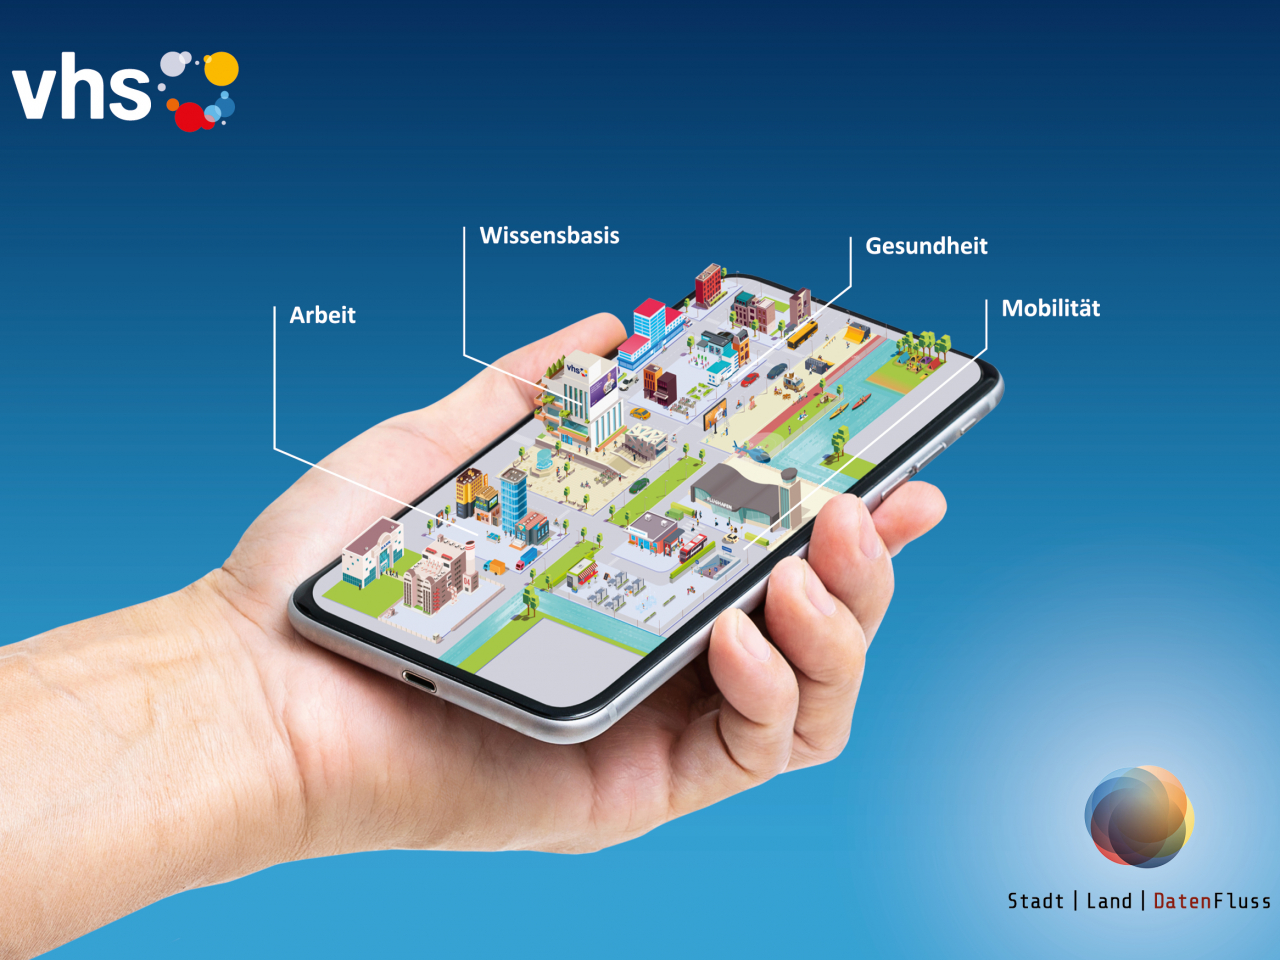 Hand mit Smartphone mit App Stadt Land Datenfluss der VHS